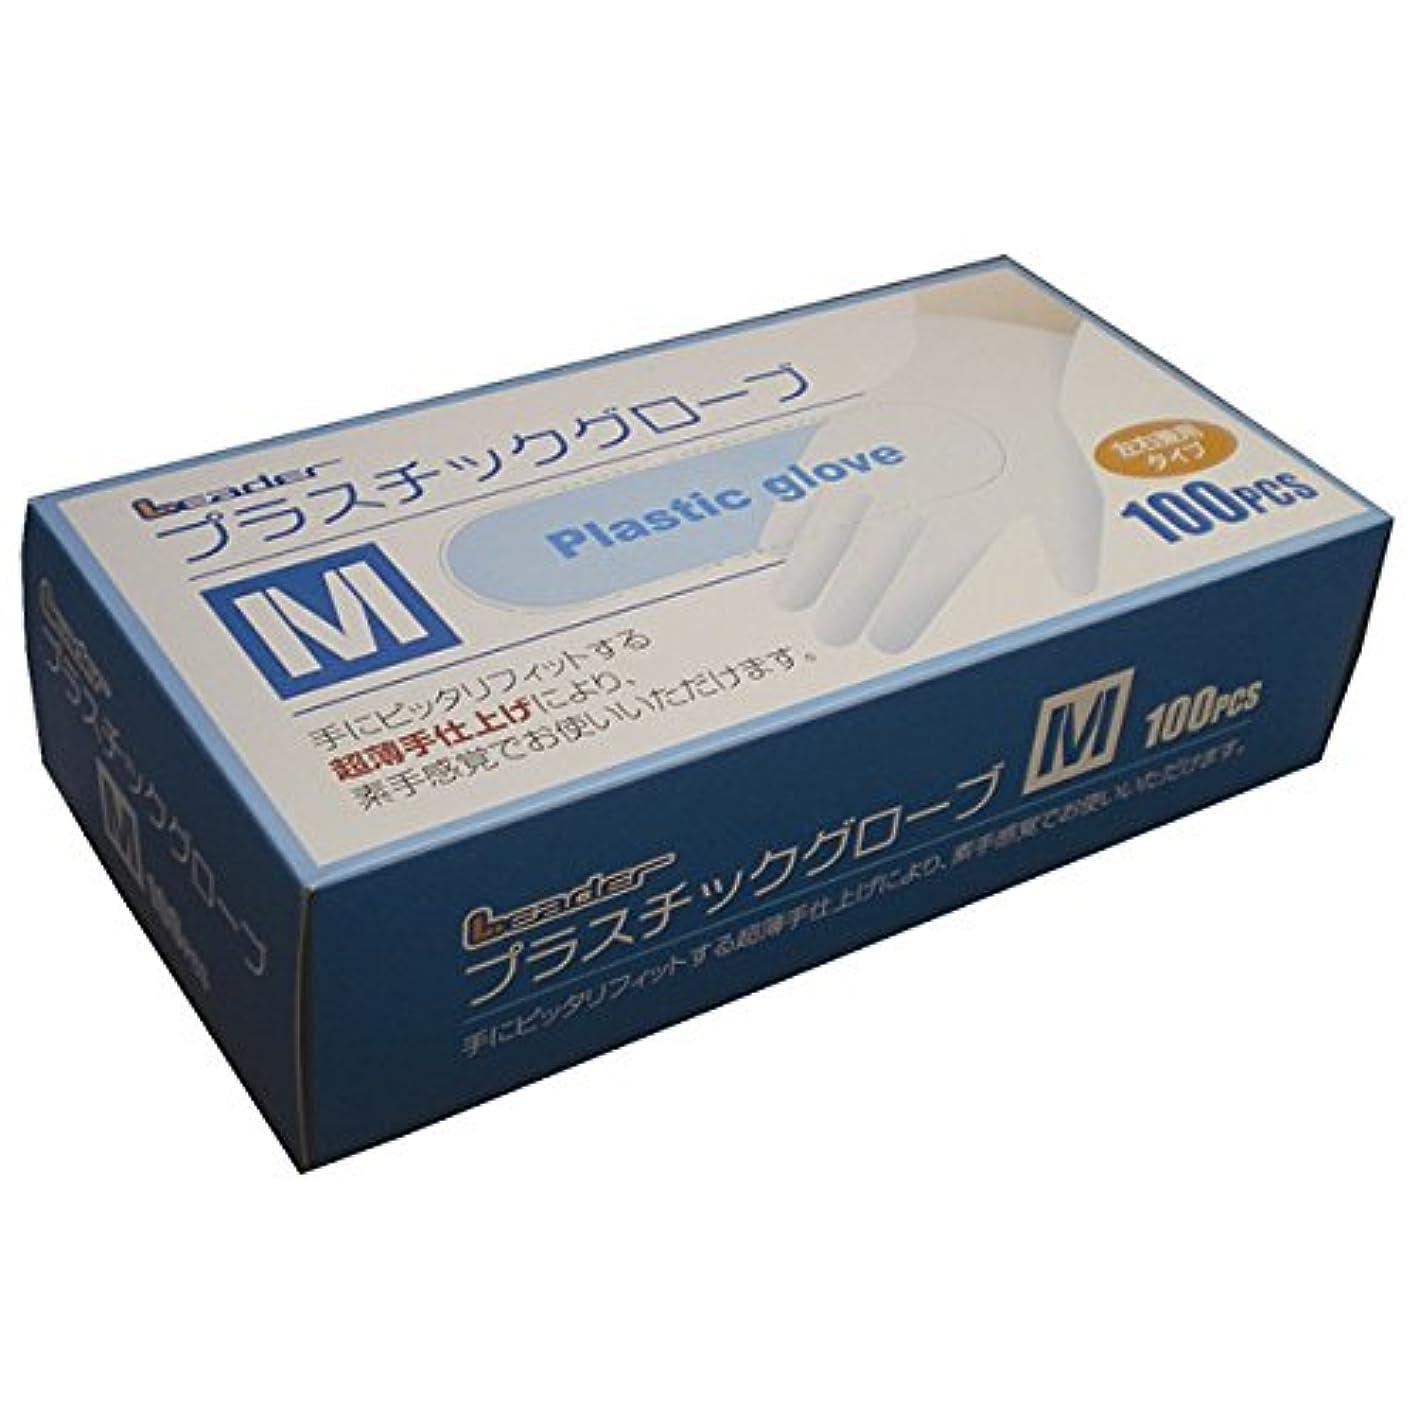 思い出させるポジション棚日進医療器株式会社:LEプラスチックグローブMサイズ100P 10個入 784492